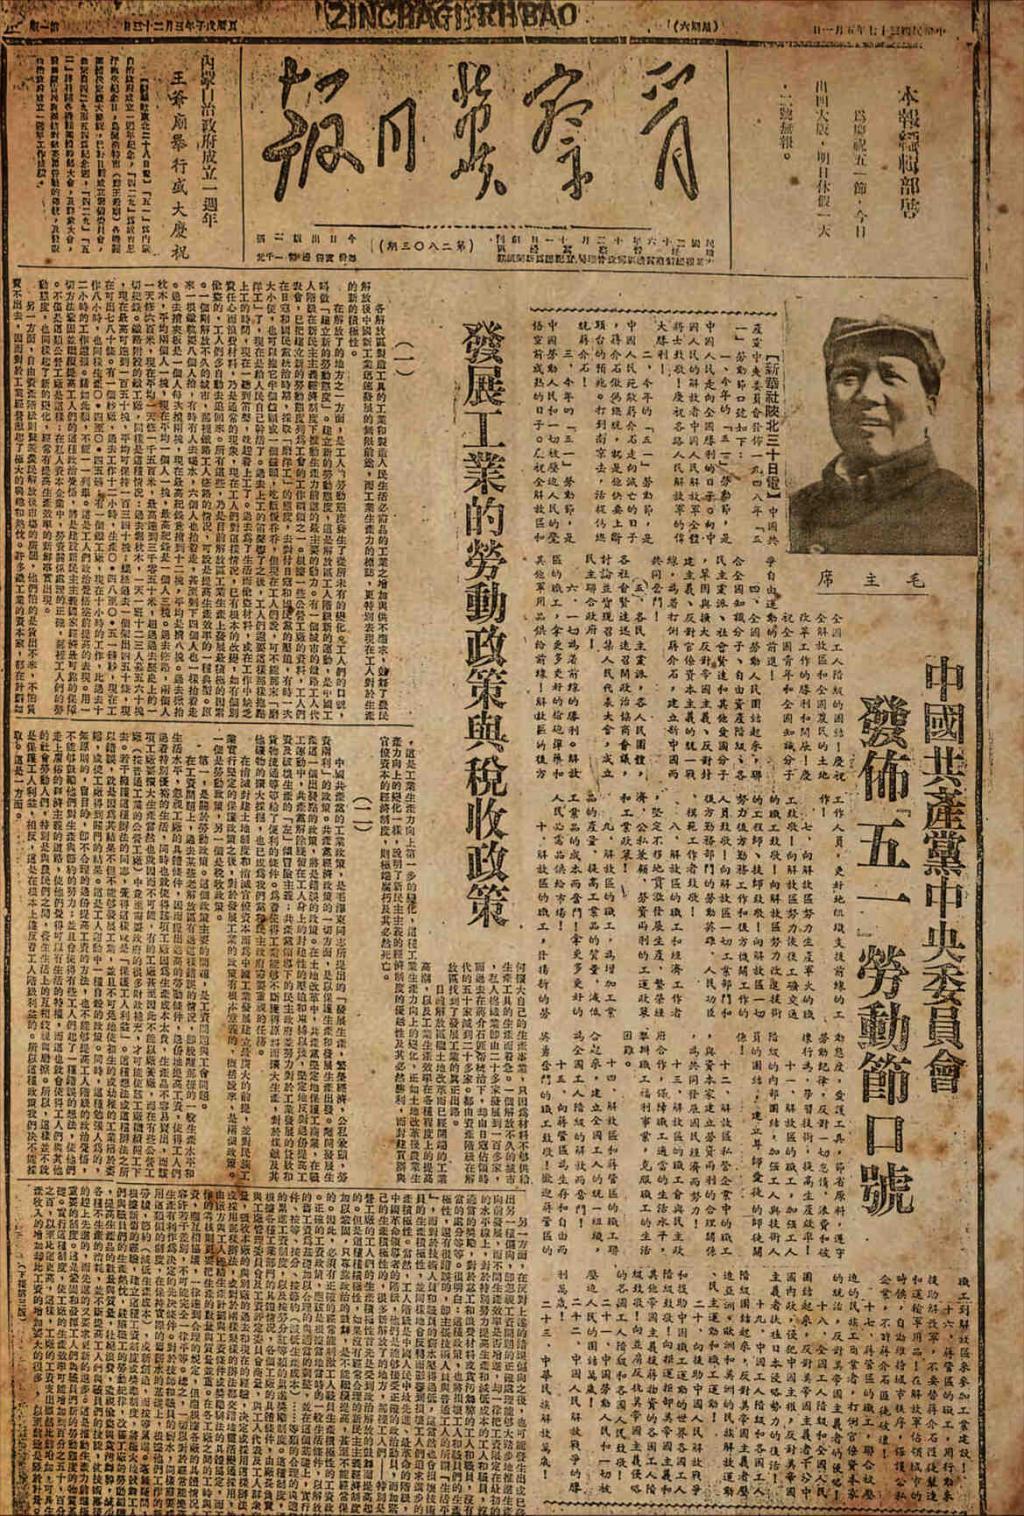 """中共中央发布""""五一口号""""与组织在香港的民主人士北上"""